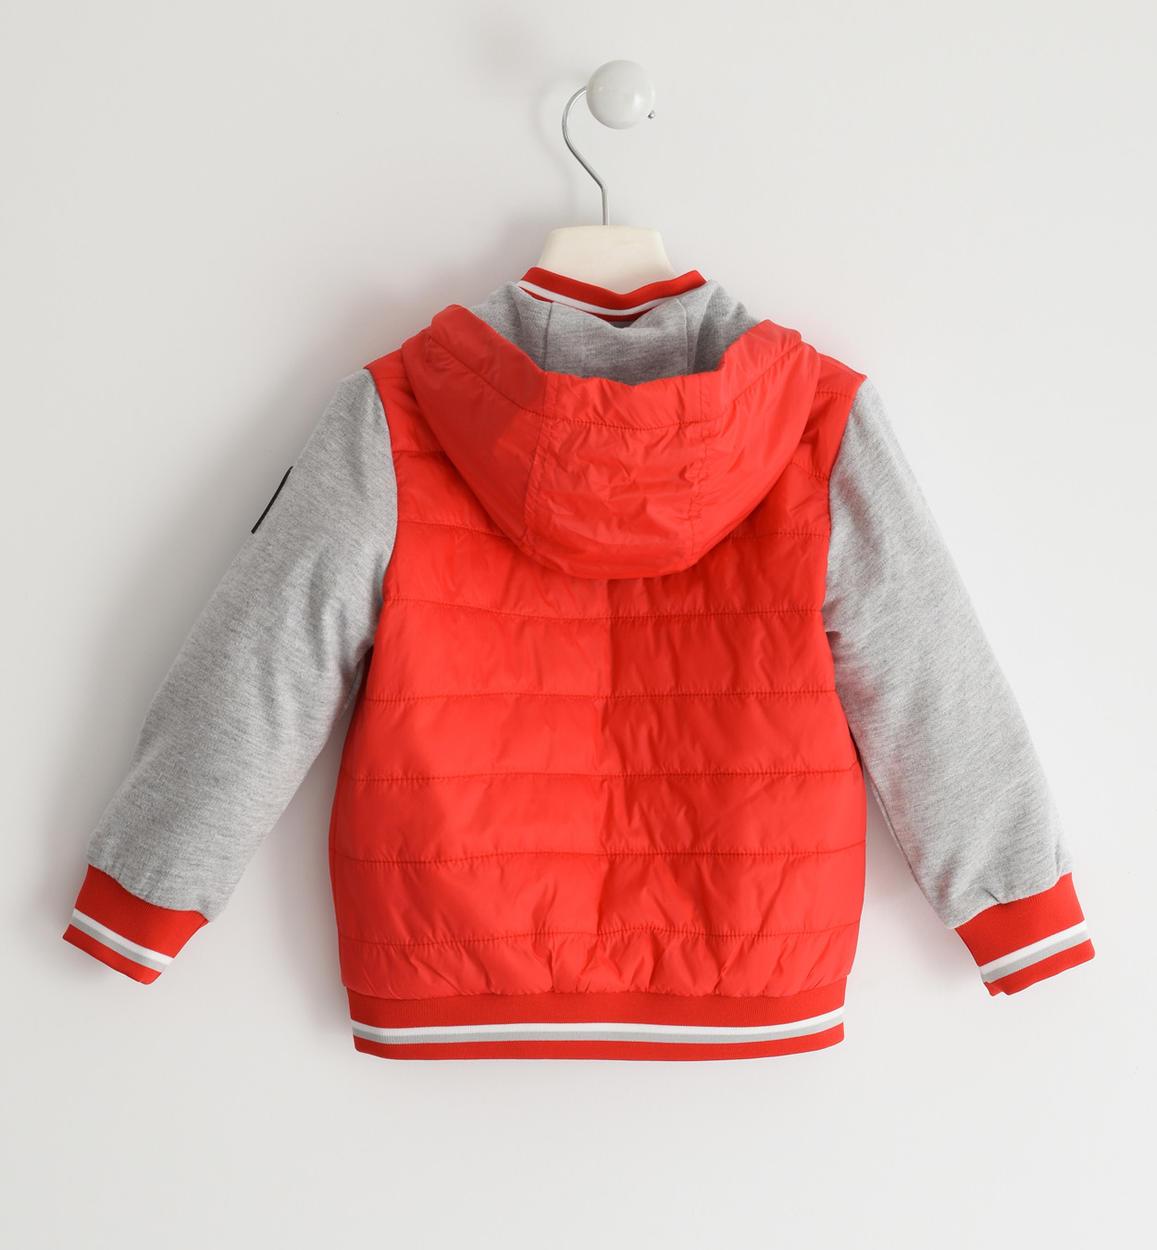 particolare giubbotto in nylon con manic rosso dettaglio 03 1244j26000 2235 150x150